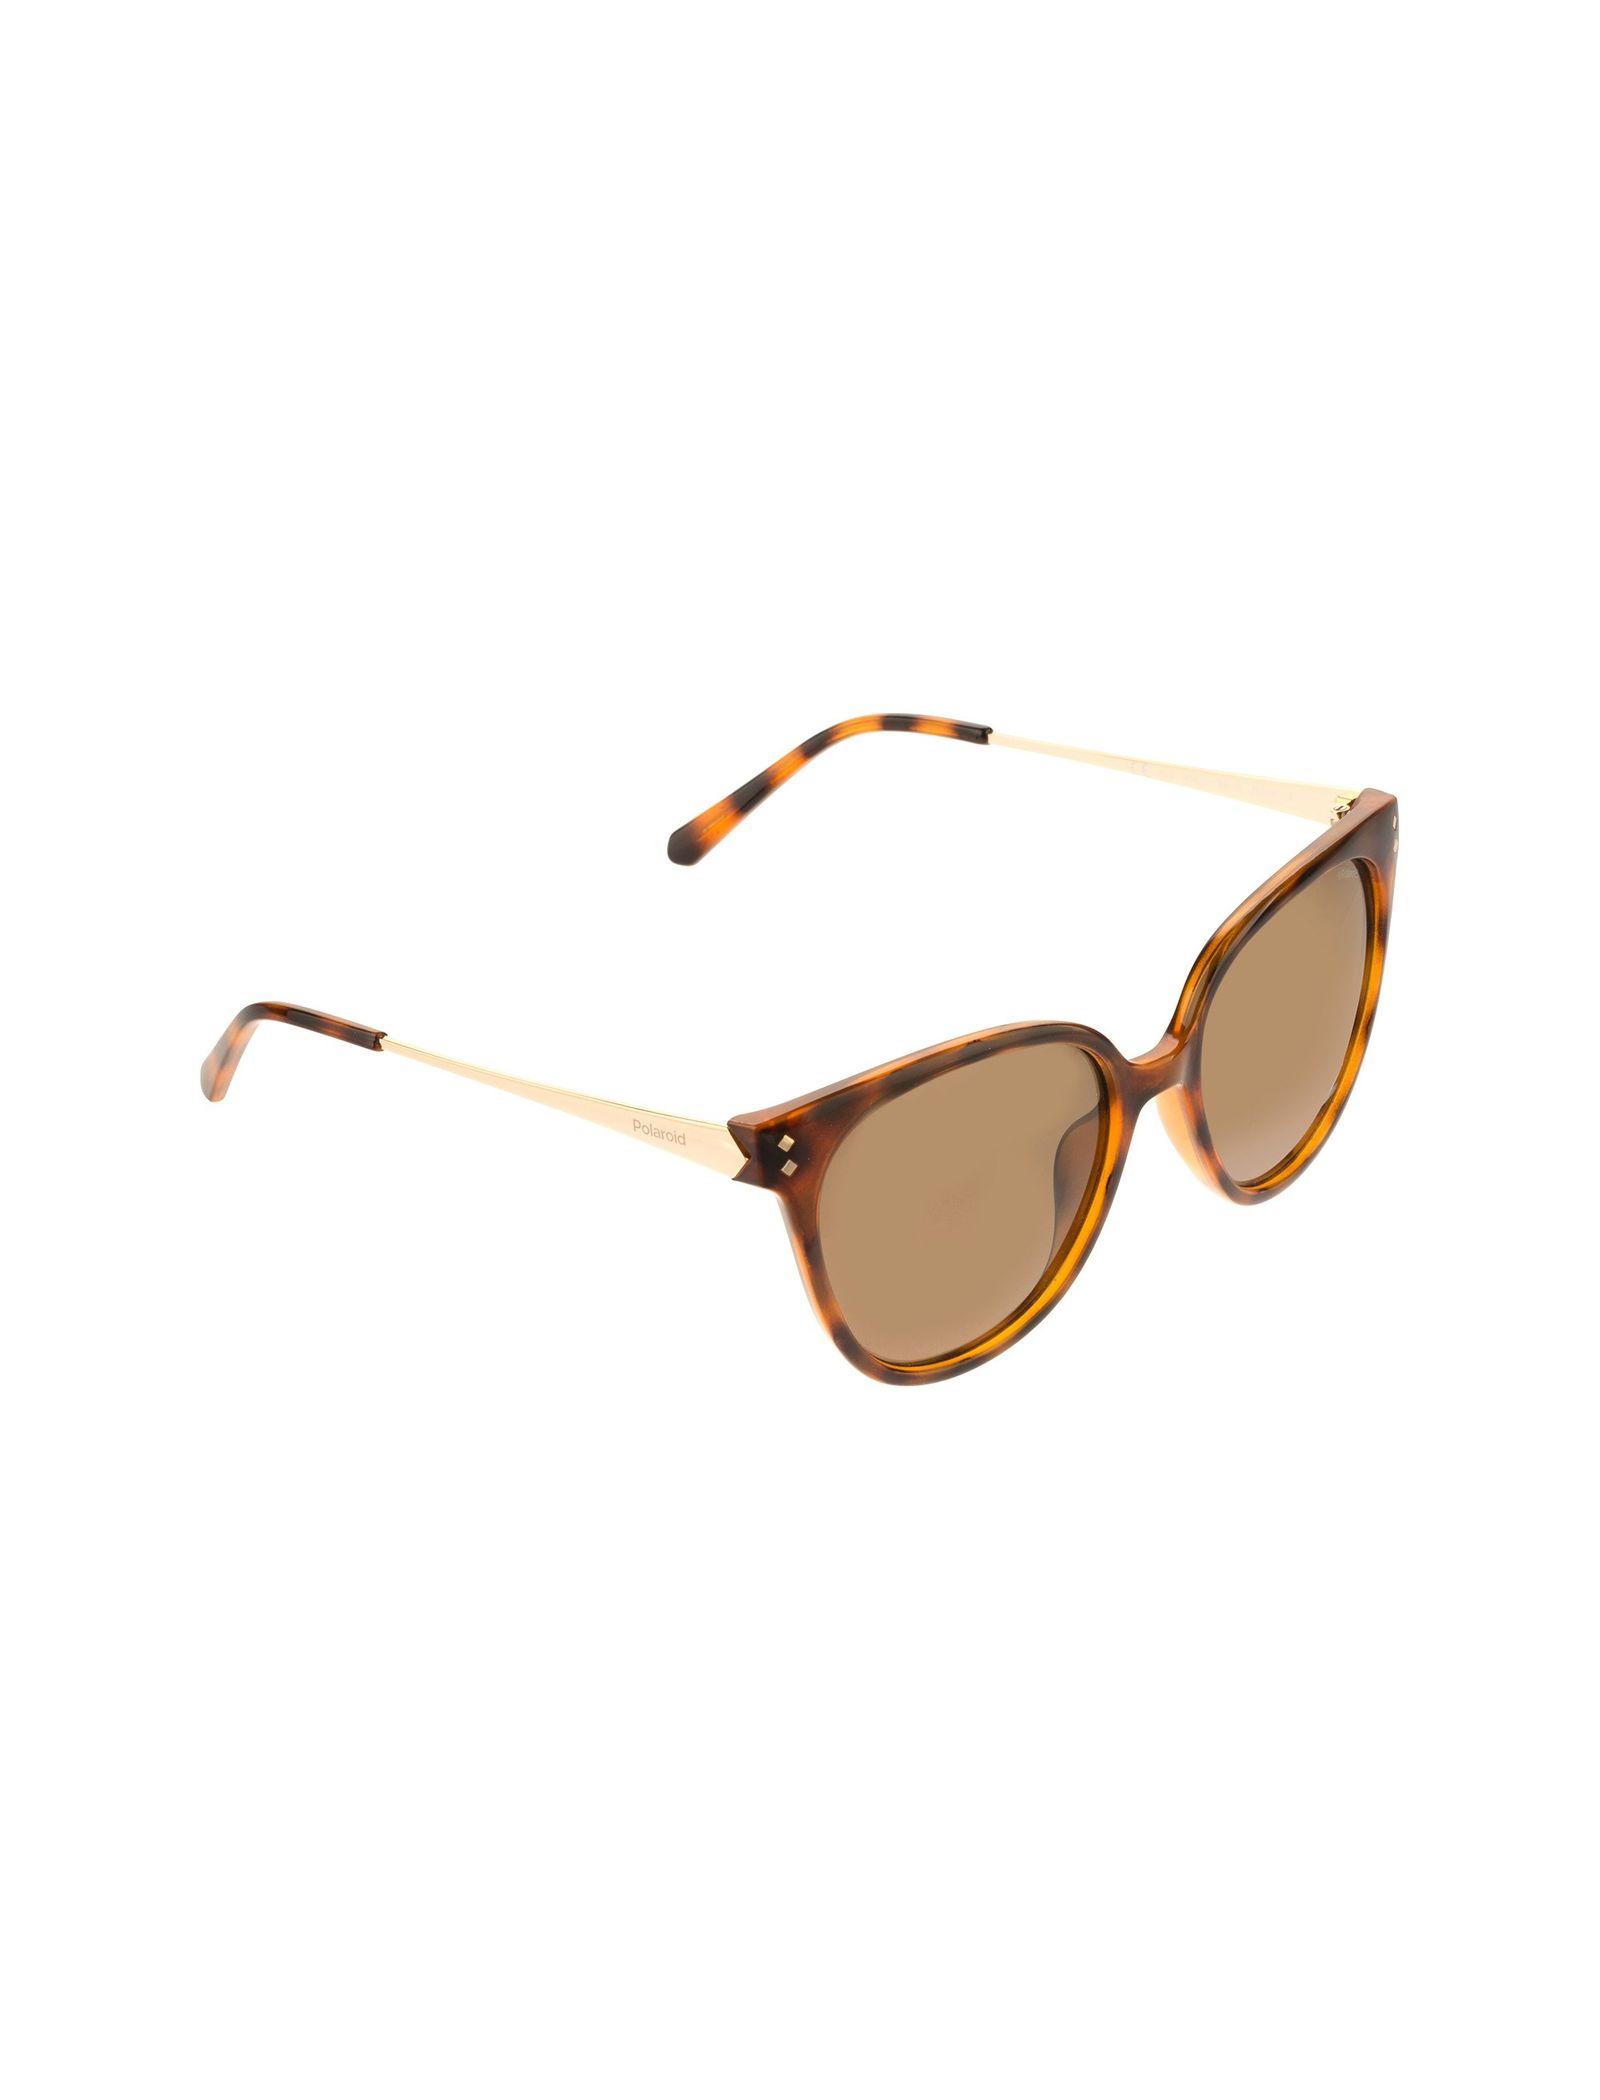 عینک آفتابی گربه ای زنانه - پولاروید - قهوه اي لاک پشتي - 2